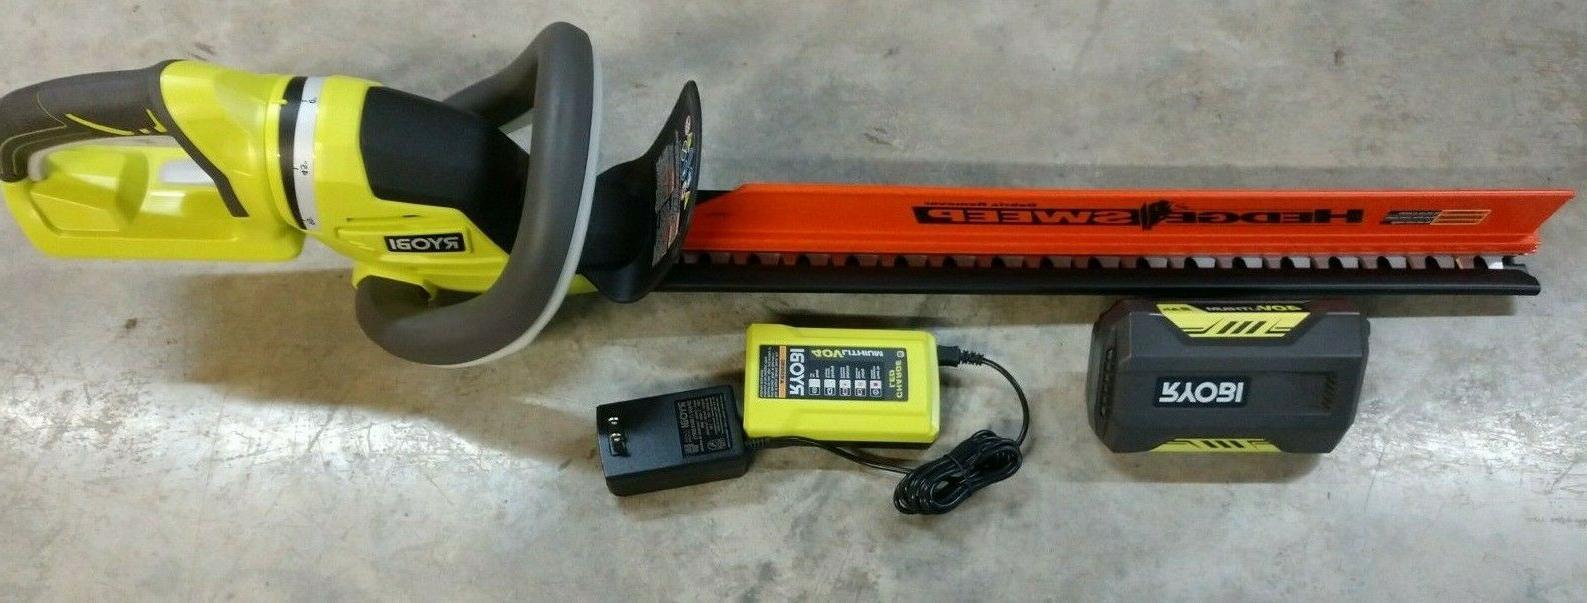 40v 24 hedge trimmer kit w 2